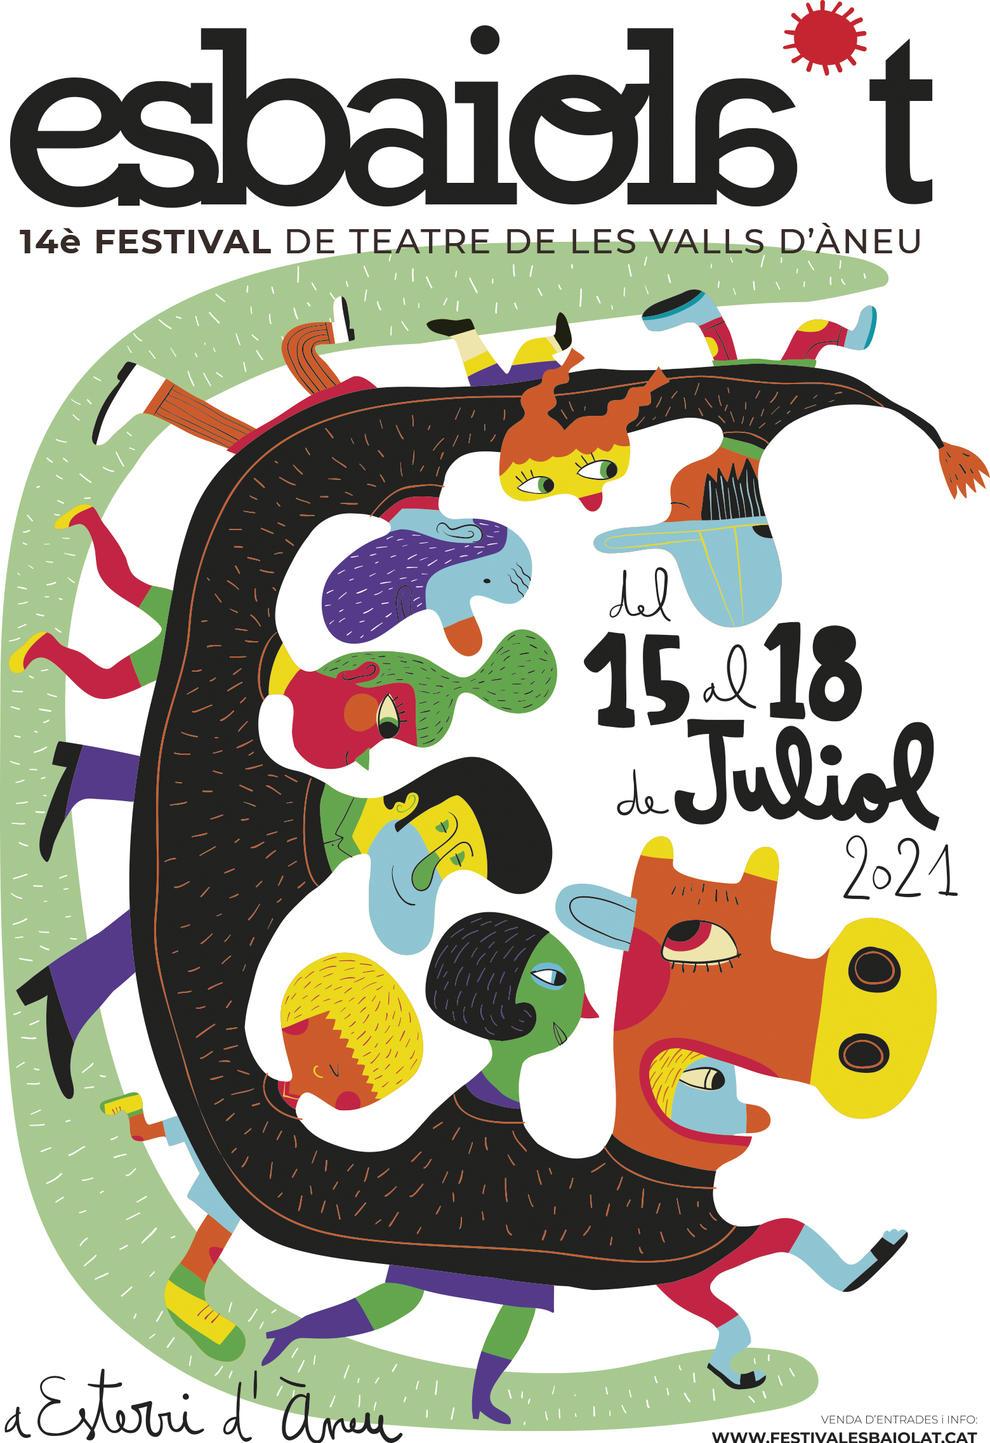 Esbaiola't. 14è Festival de Teatre de les Valls d'Àneu